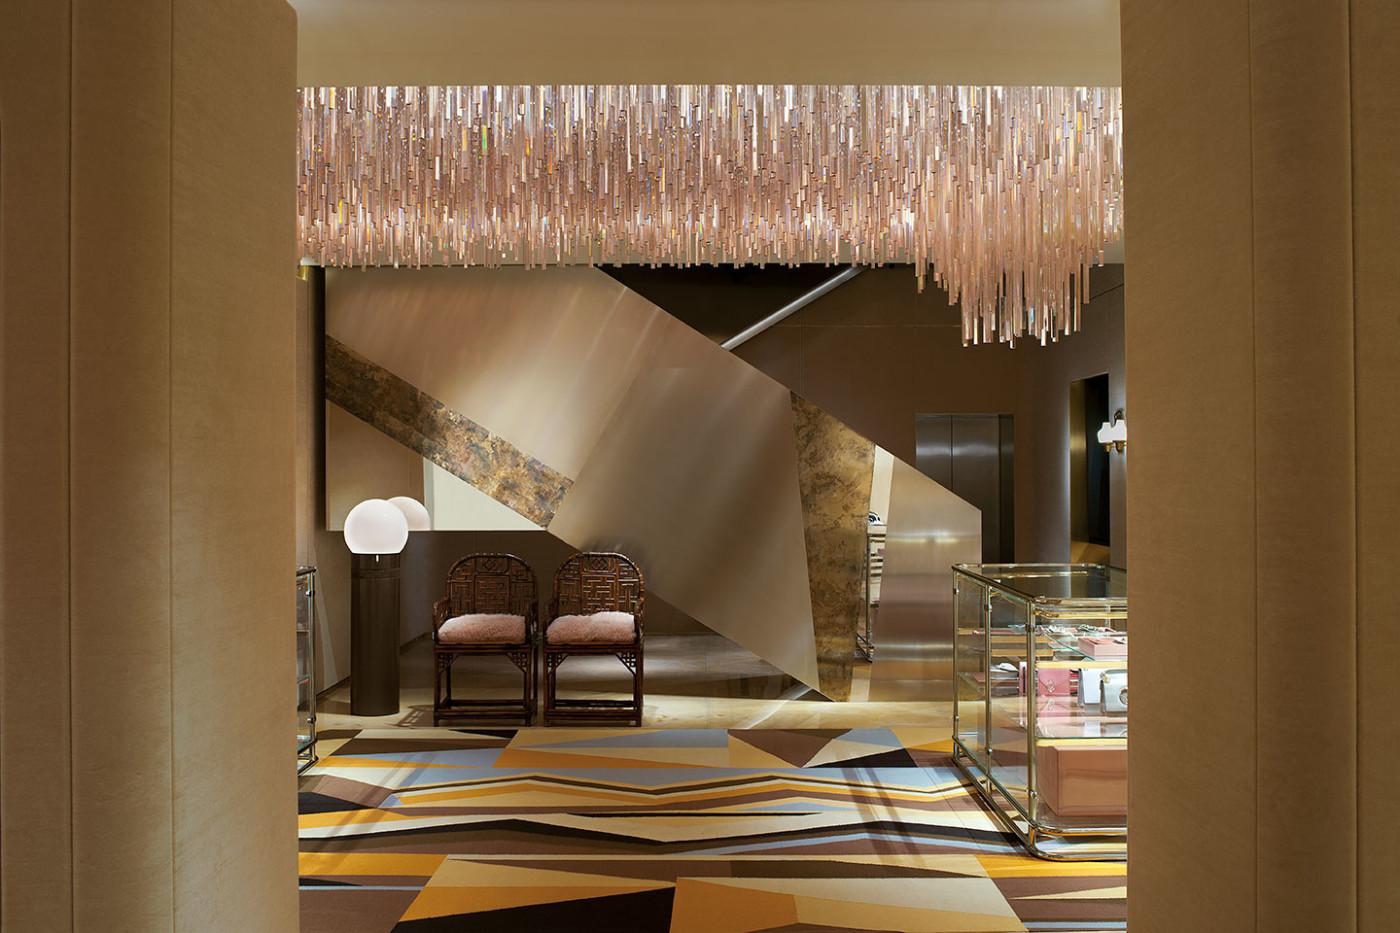 DIMORESTUDIO_FENDI-Sloane-Street-London_Photo by Andrea Ferrari - top interior designers in milan - best interior designers in italy - famous italian interior designers - luxury furniture - milan design week 2018